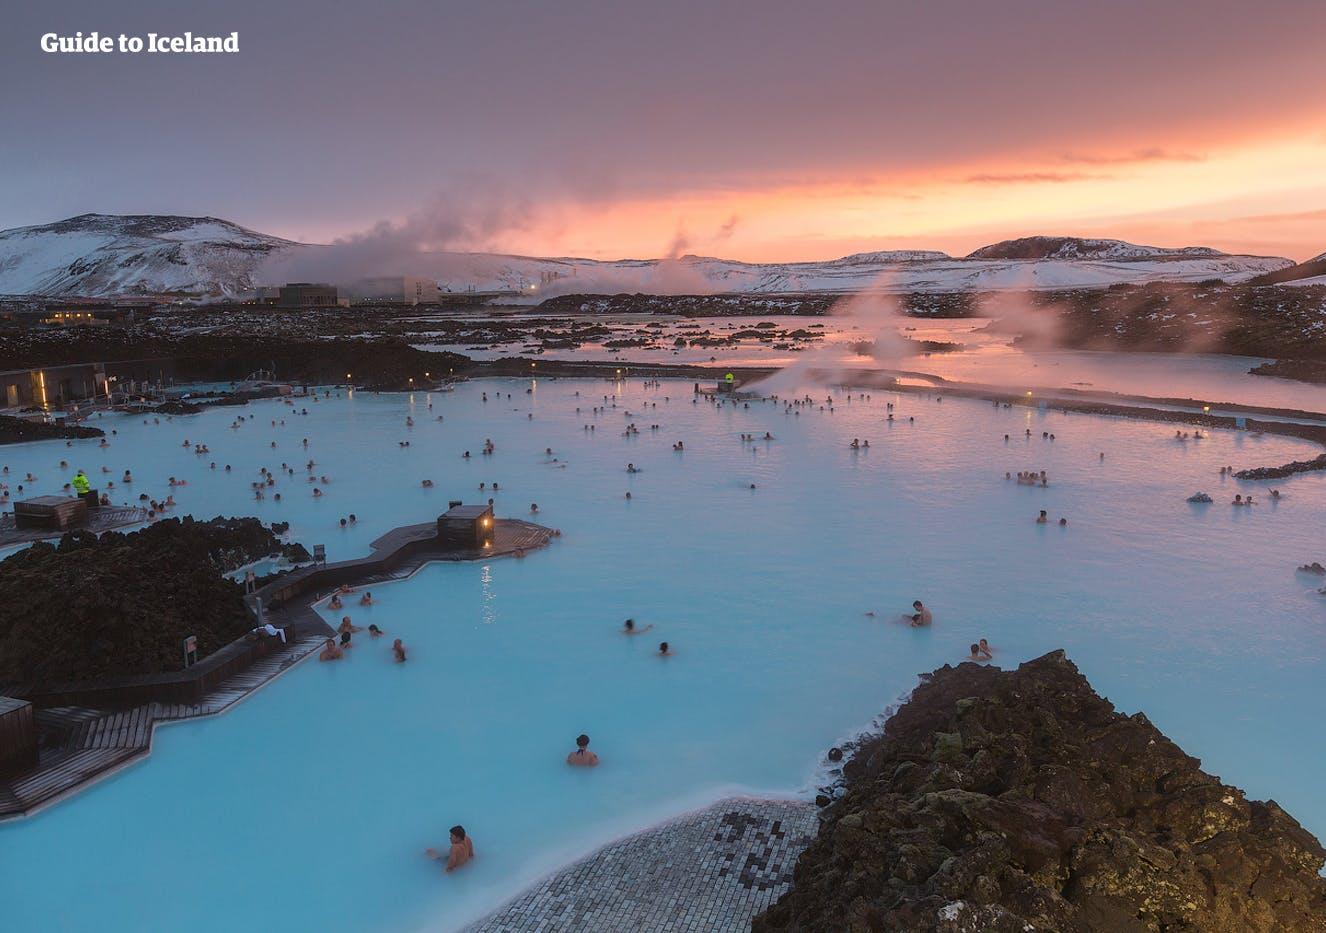 冰岛蓝湖温泉是冰岛其中一个最受欢迎的旅游景点。